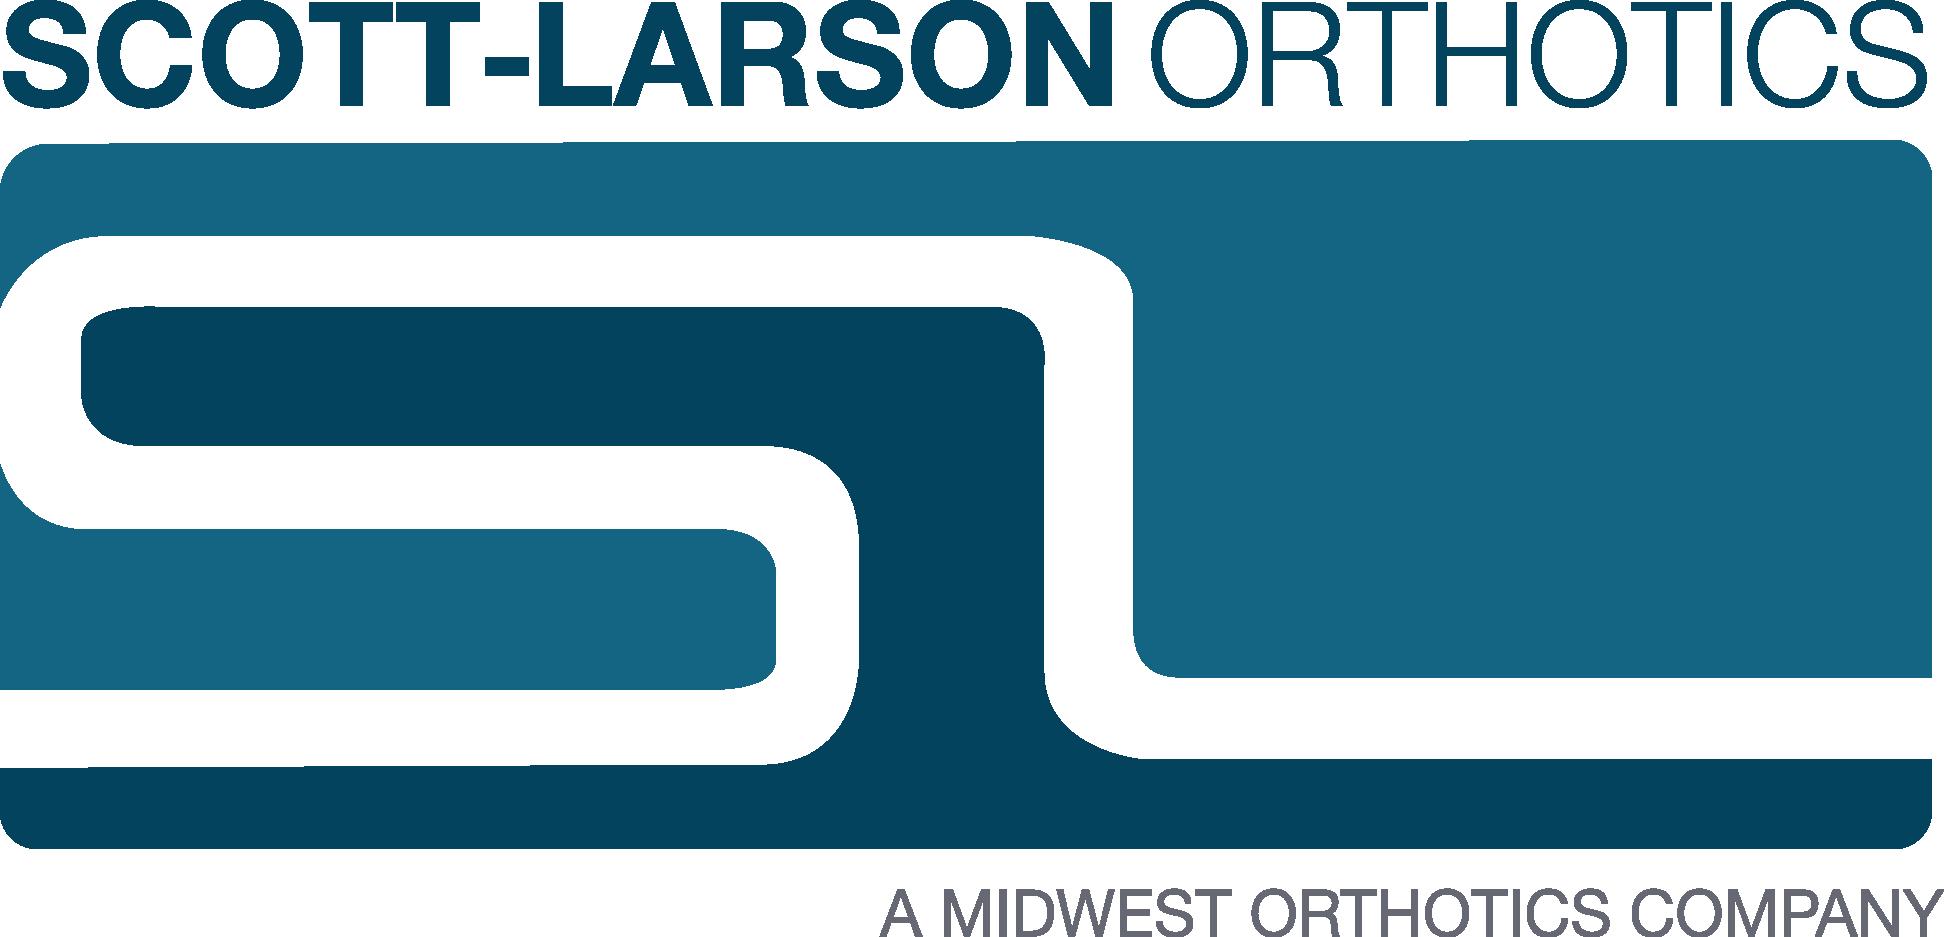 Midwest Orthotics - Scott Larson Orthotics